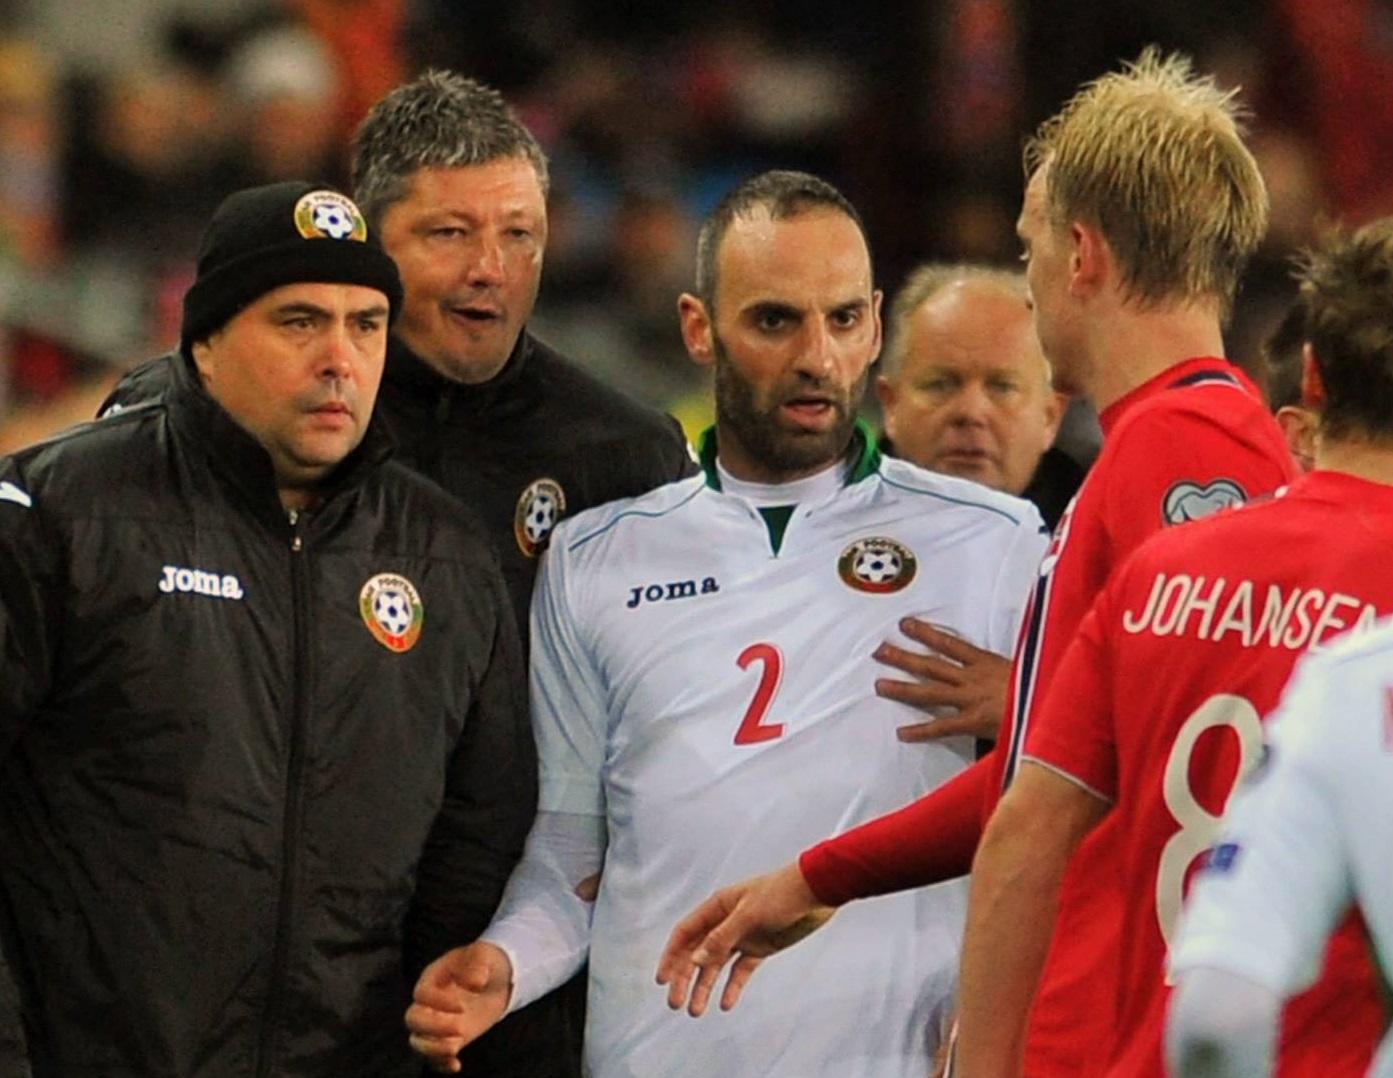 Боби, май плешъс, горд ли си с йор сaн и още от Twitter за мача България - Норвегия